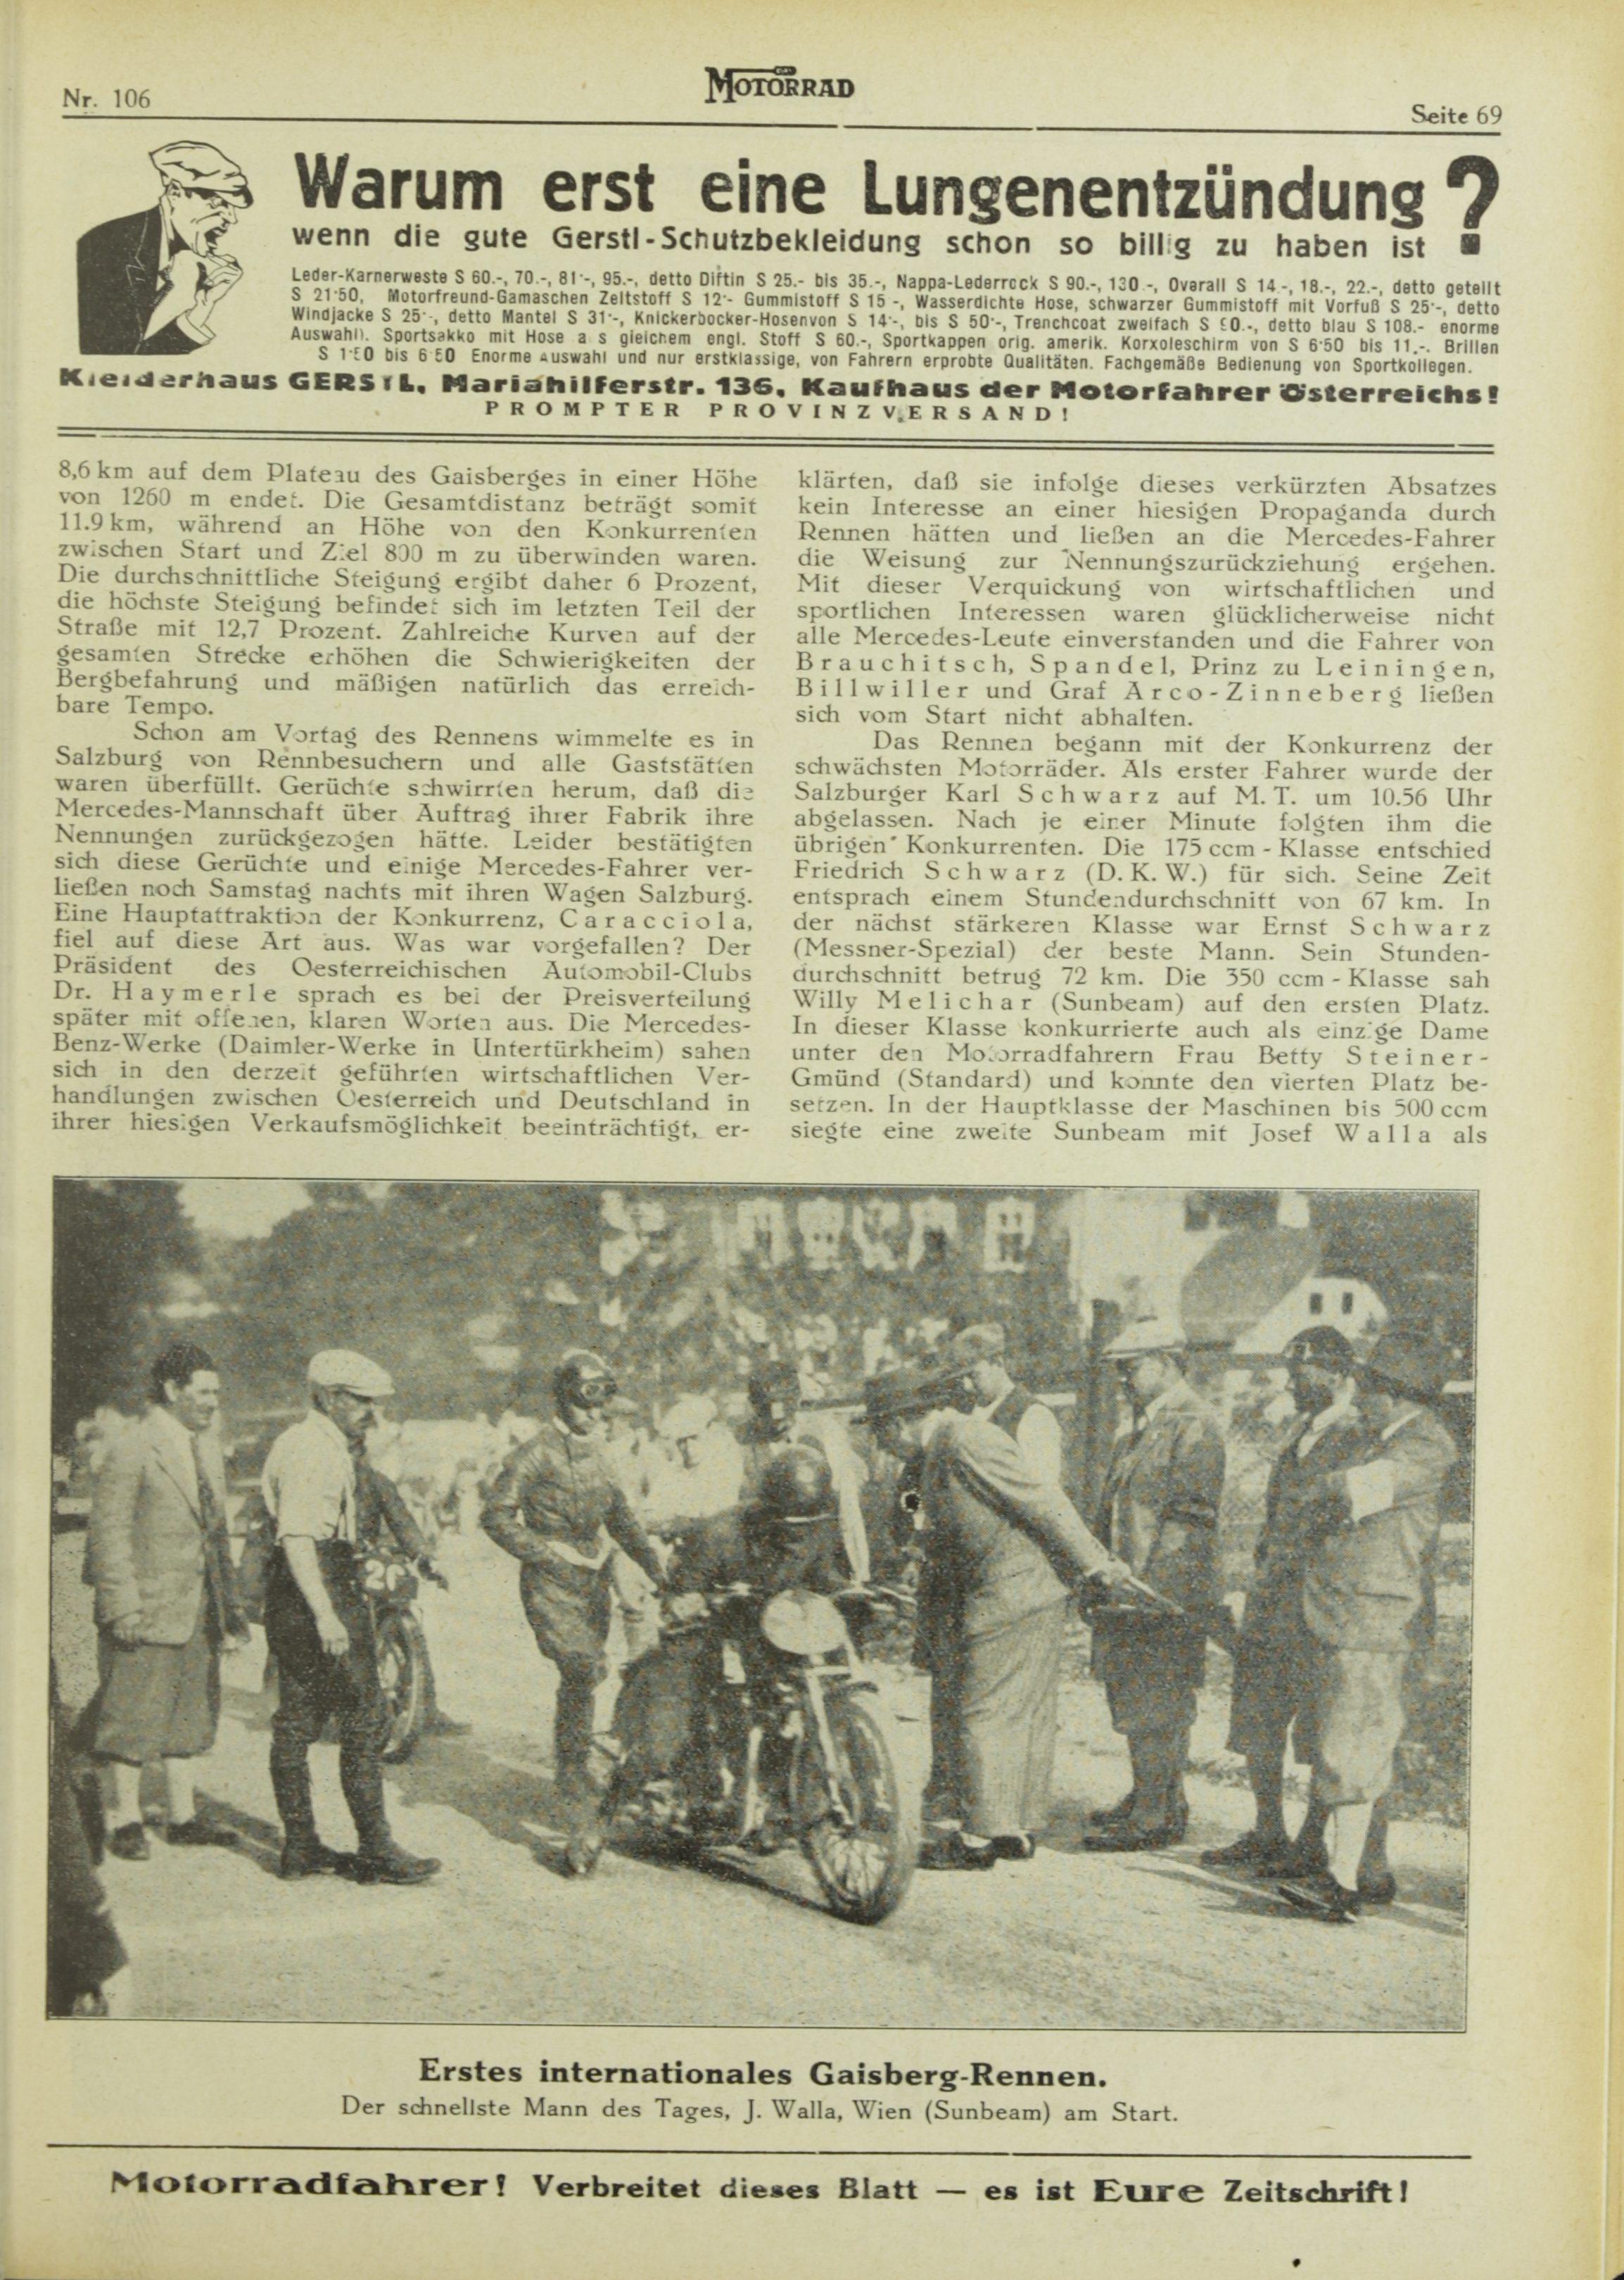 Erstes Gaisbergrennen 1929, er schnellste Mann des Tages: Josef Peppi Walla aus Wien auf Sunbeam.